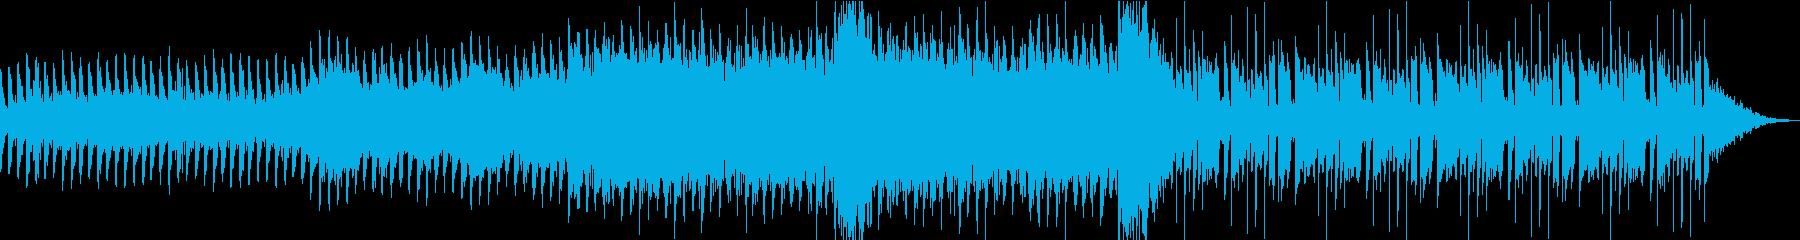 ショートムービー用 BGM の再生済みの波形